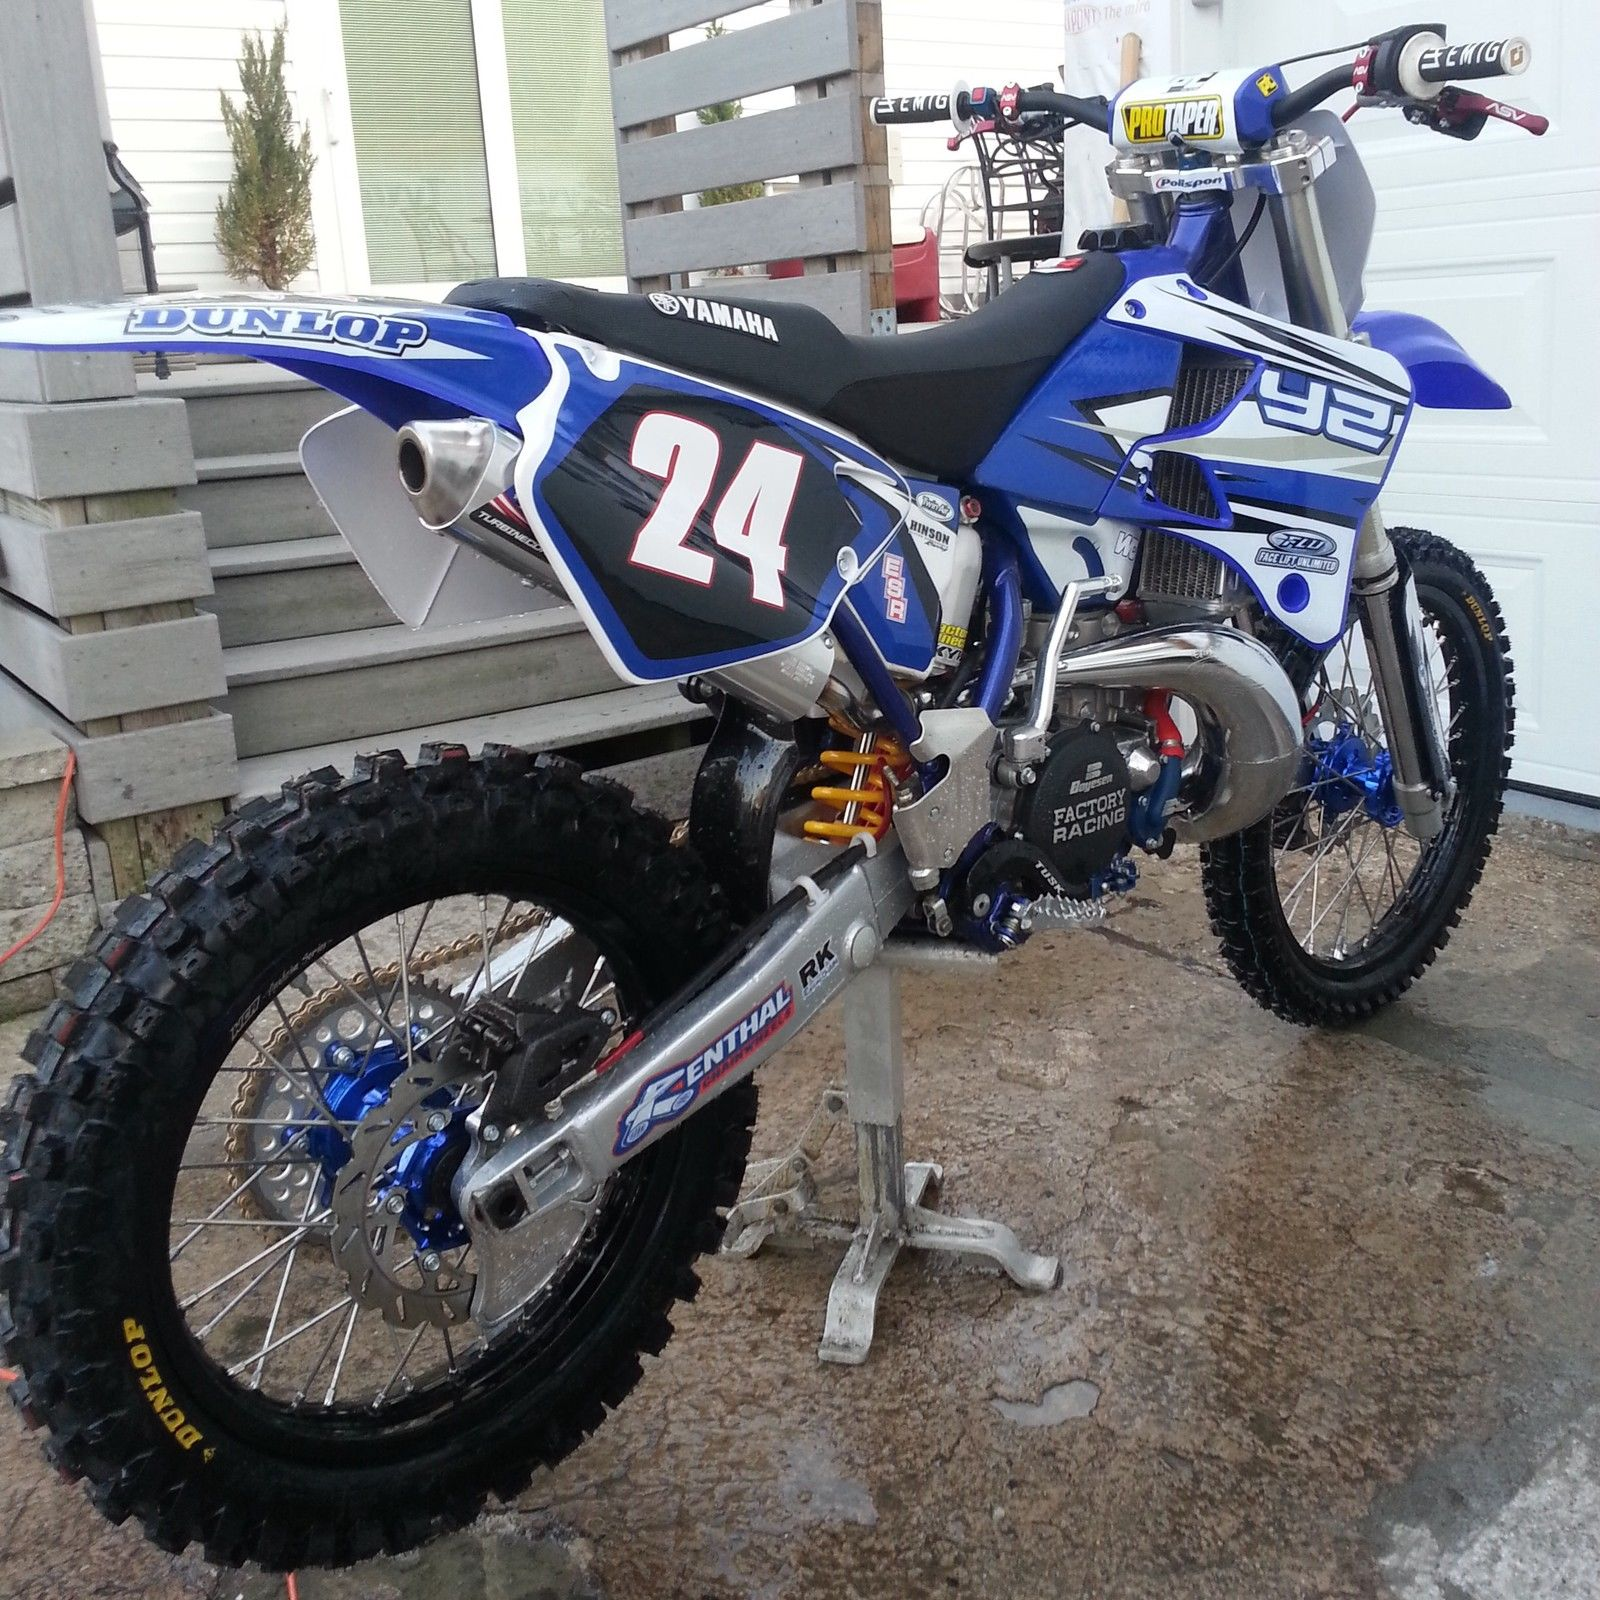 Yamaha yz 250 345 cc custom build for Yz yamaha 250